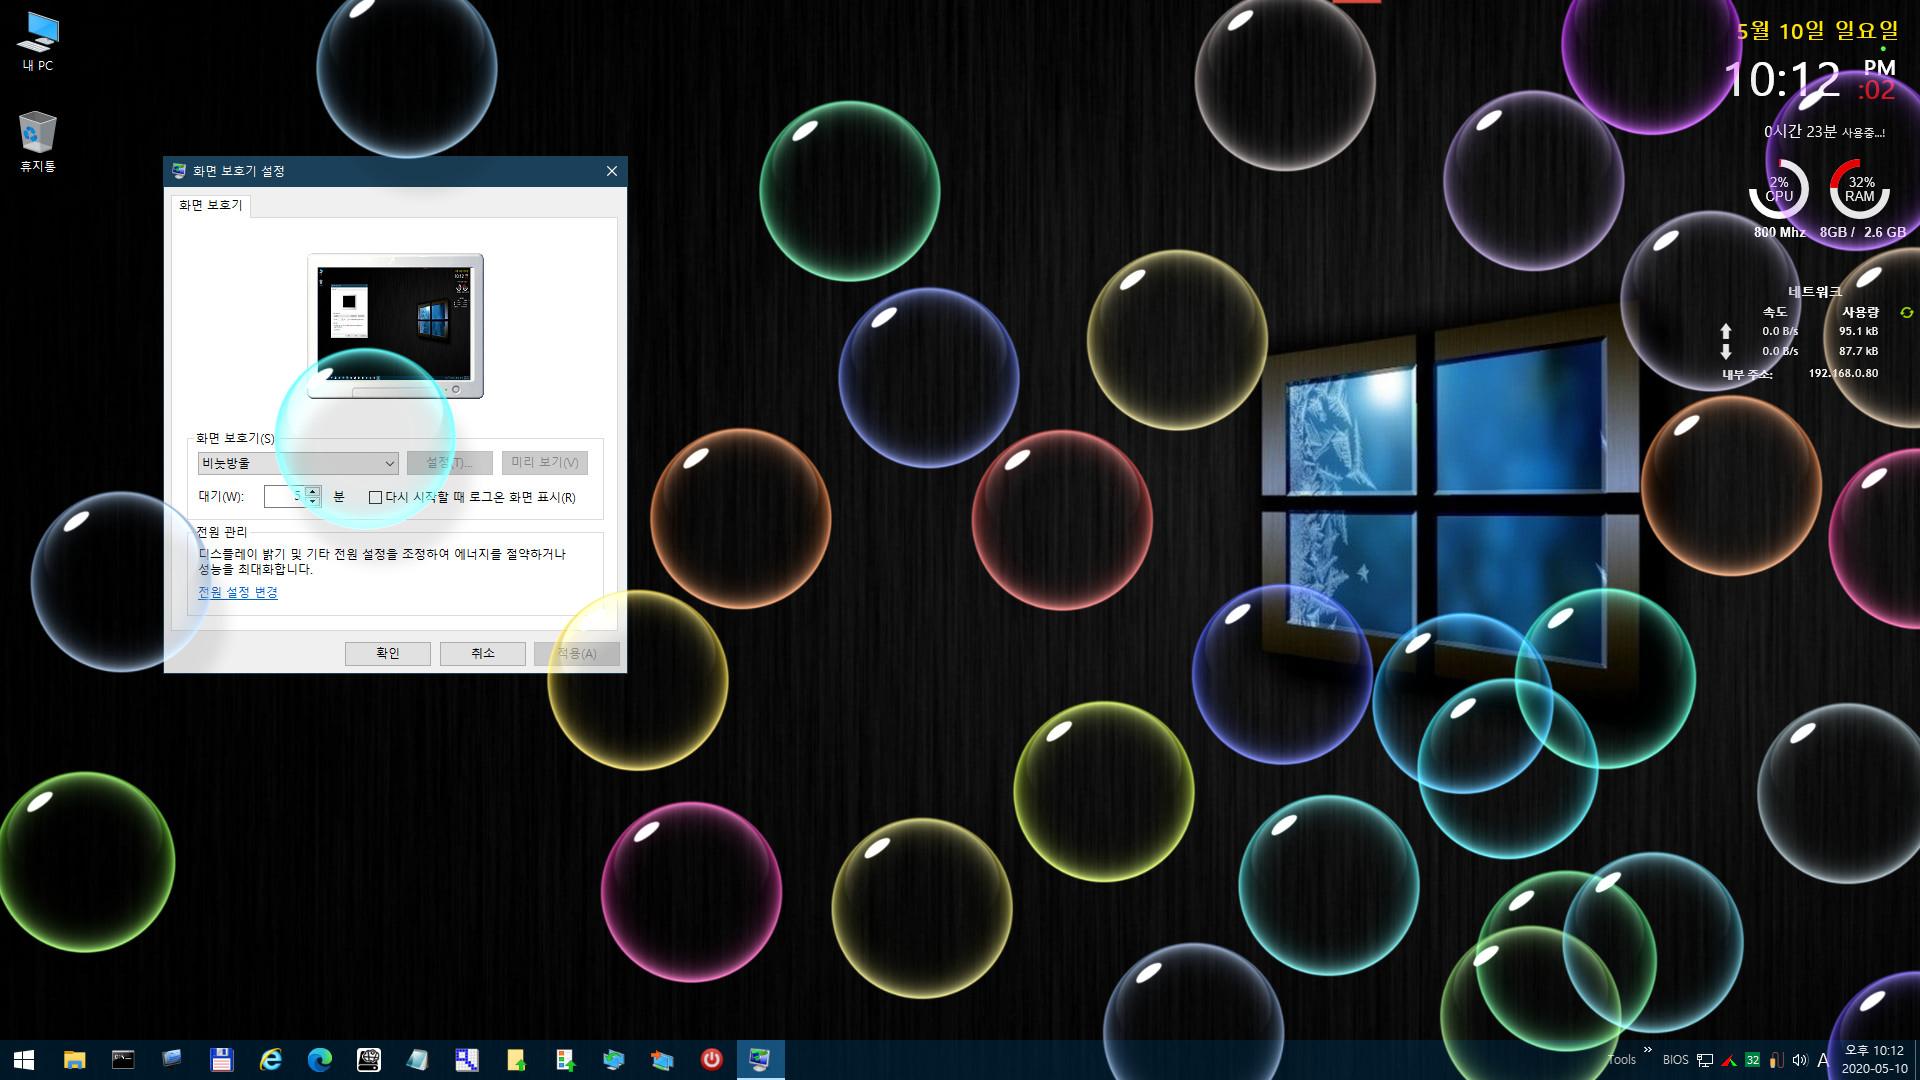 KJ_Win10XPE68_0006-03.jpg